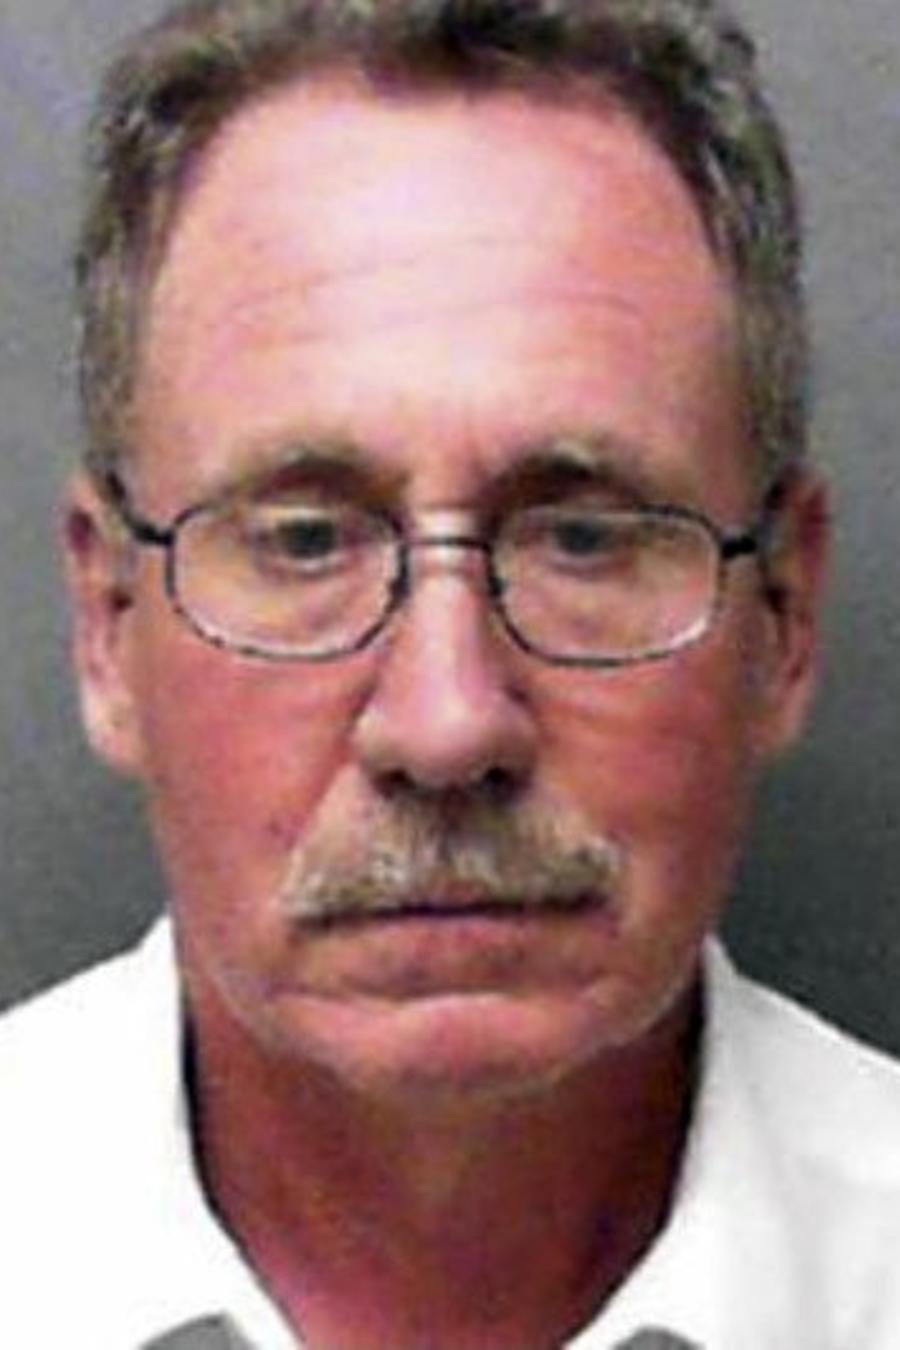 Timothy Norris en un foto sin fecha proporcionada por el Departamento de Policía de Coral Springs (Florida) muestra a .